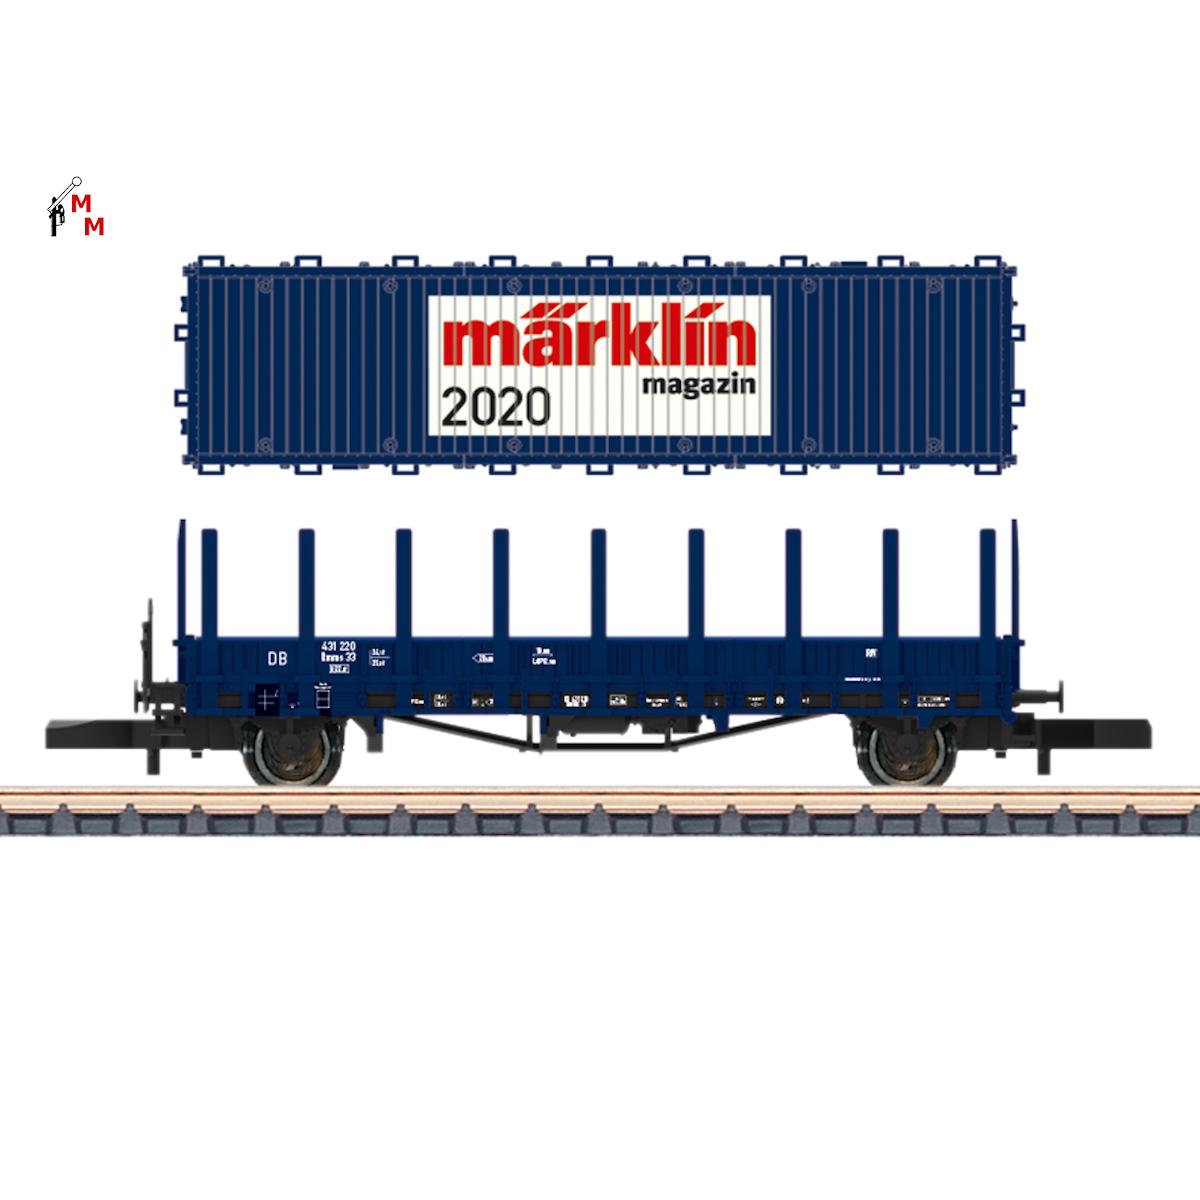 (Neu) Märklin 80830 Märklin Spur Z -Magazin Jahreswagen 2020,